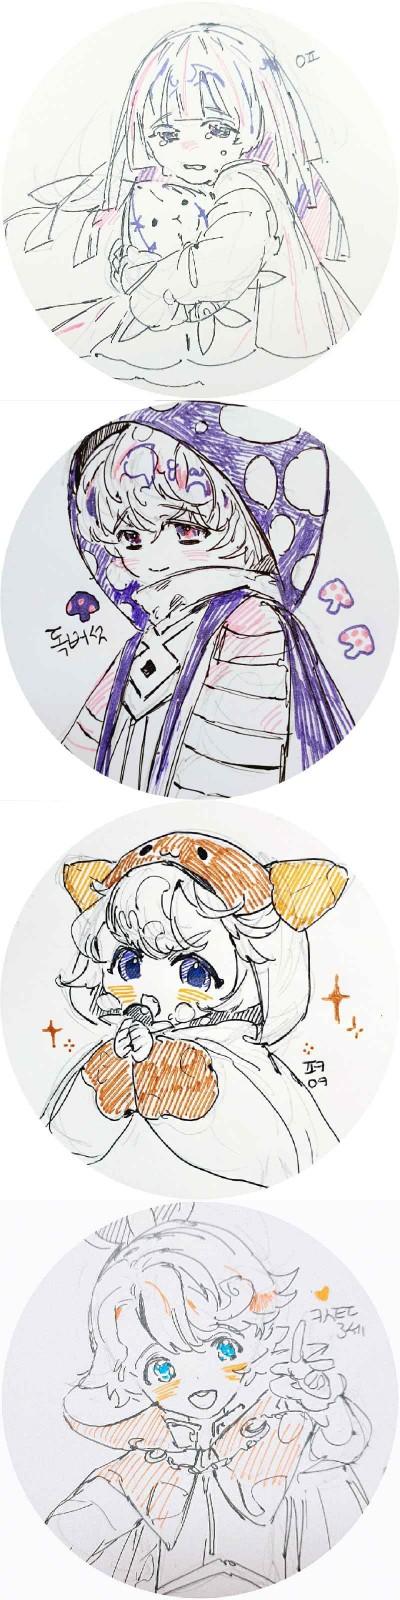 쿠킹덤 귀요미4인조 | Han | Digital Drawing | PENUP